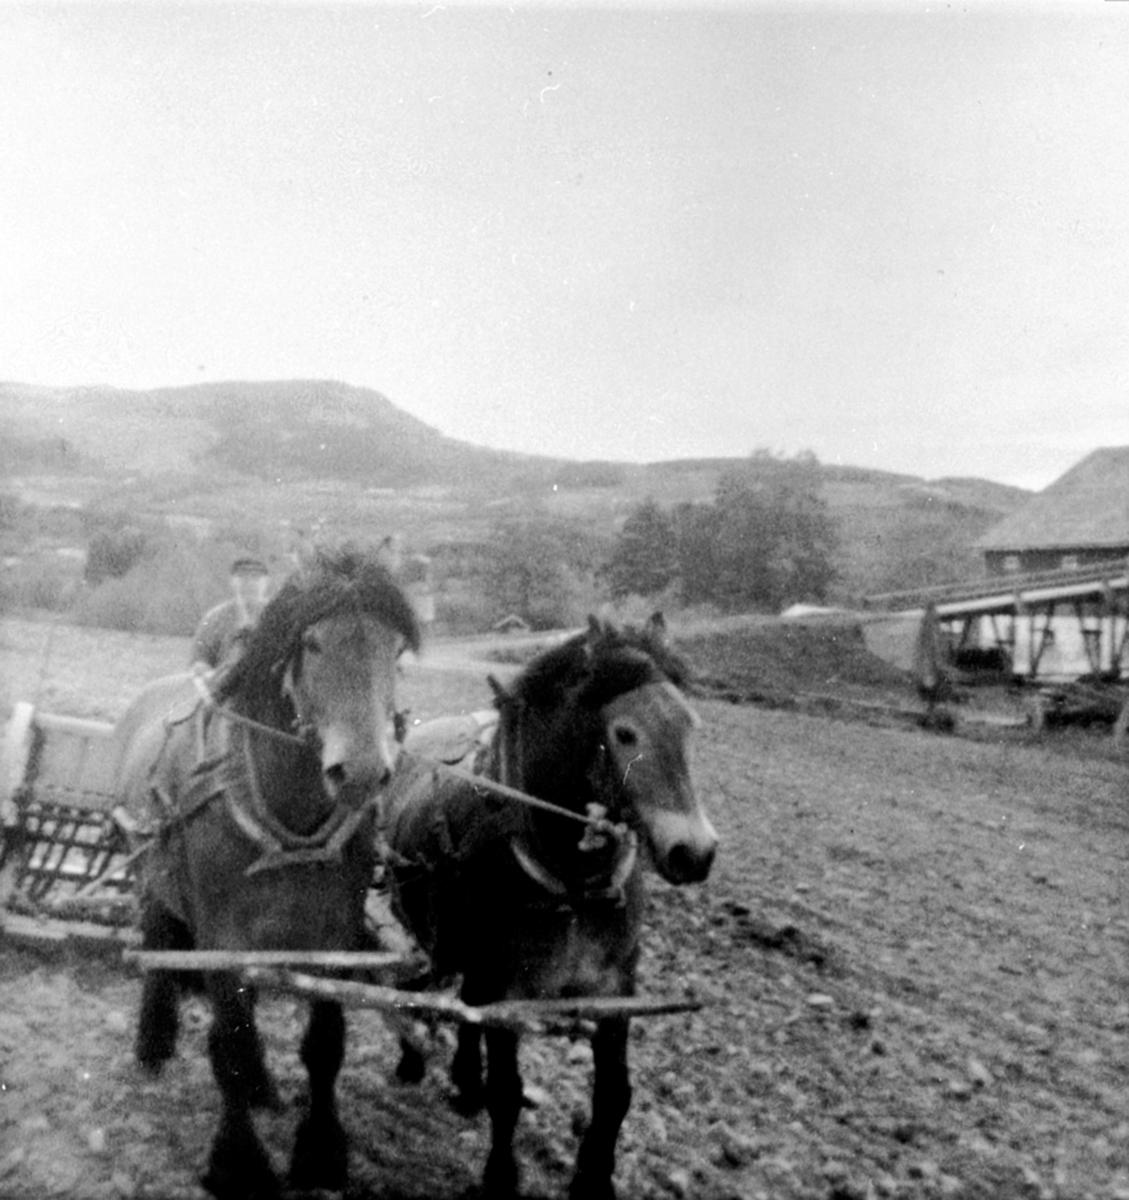 Våronn på Jemtland østre, Brumunddal. Jacob Jemtland sår med to hester.